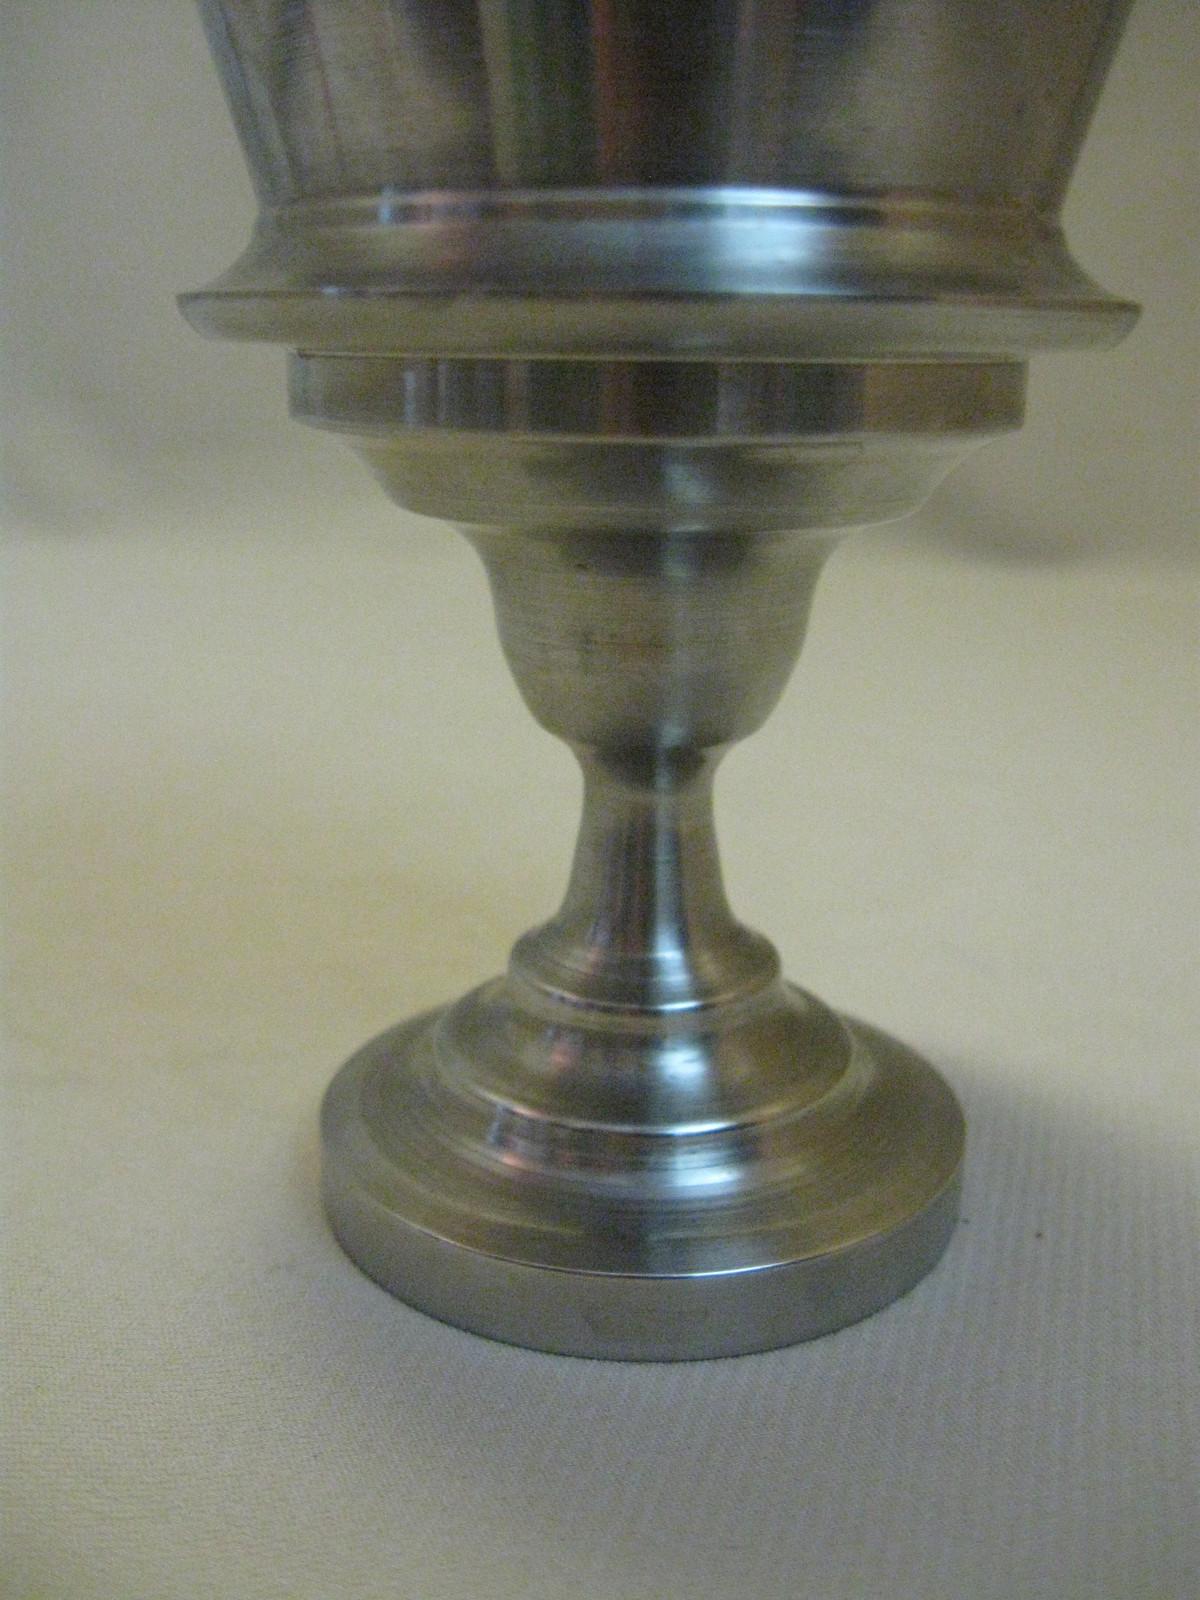 Pedestal Candle Holders : Pedestal candle holder candy dish silver plate tone